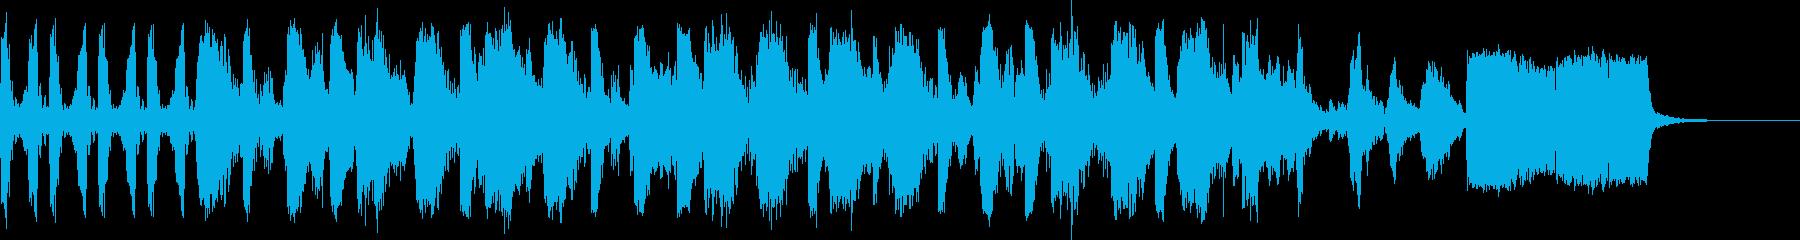 サウンドロゴHIPHOP-DJstyleの再生済みの波形